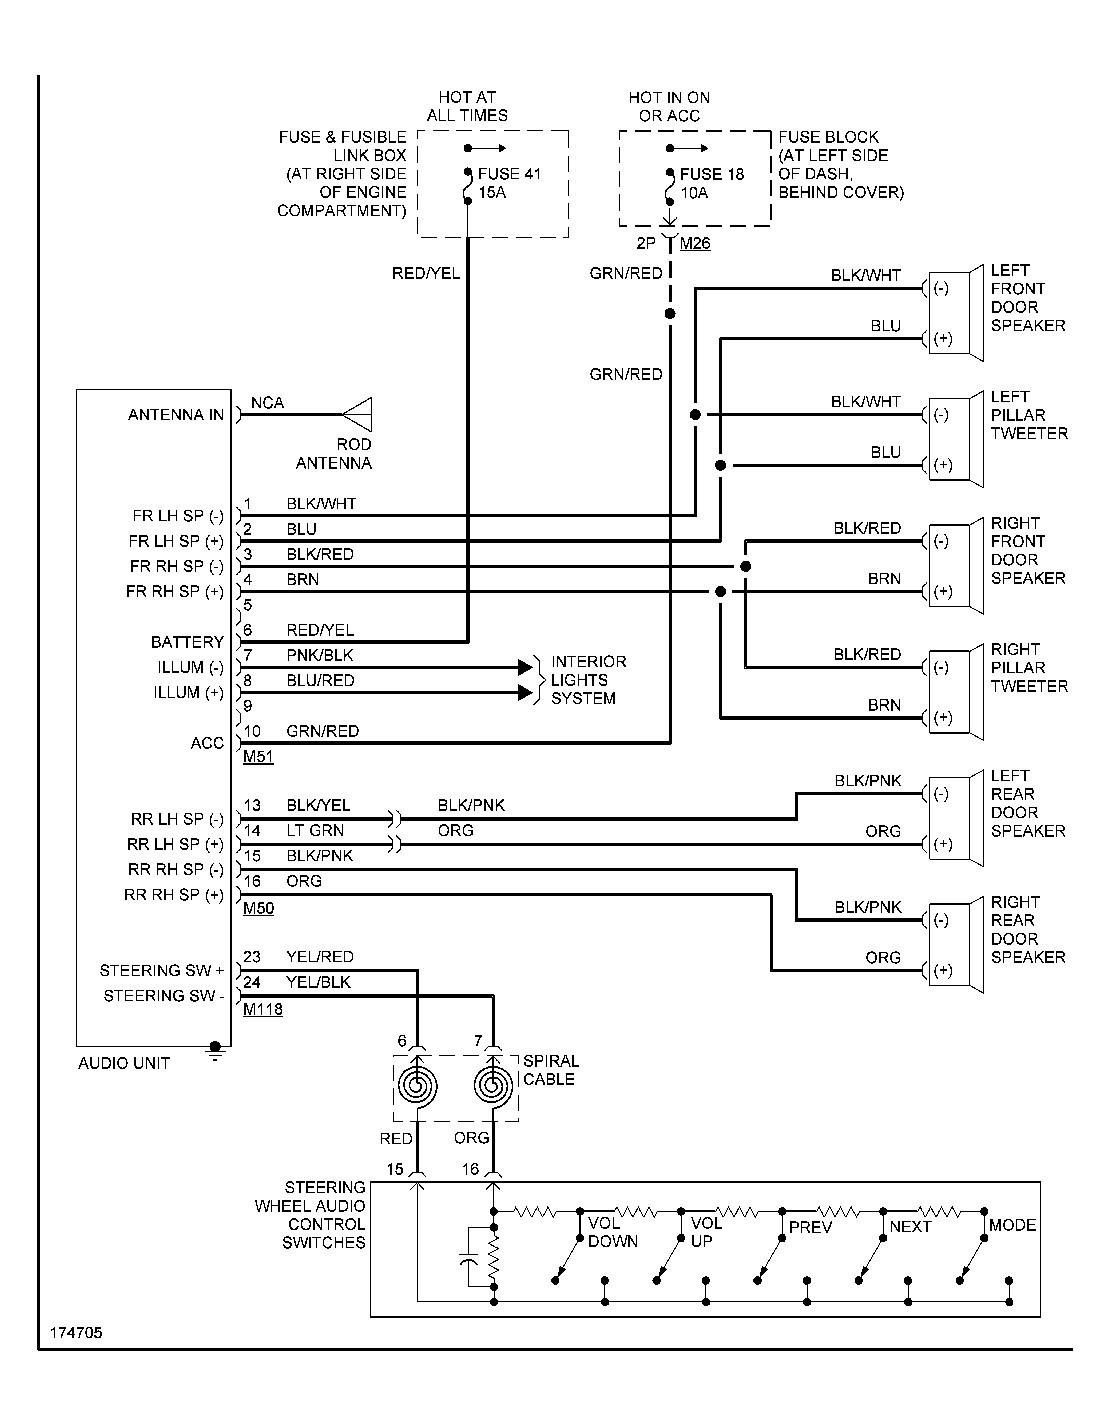 2005 Kia Sorento Radio Wiring Diagram E5 Wiring Diagram